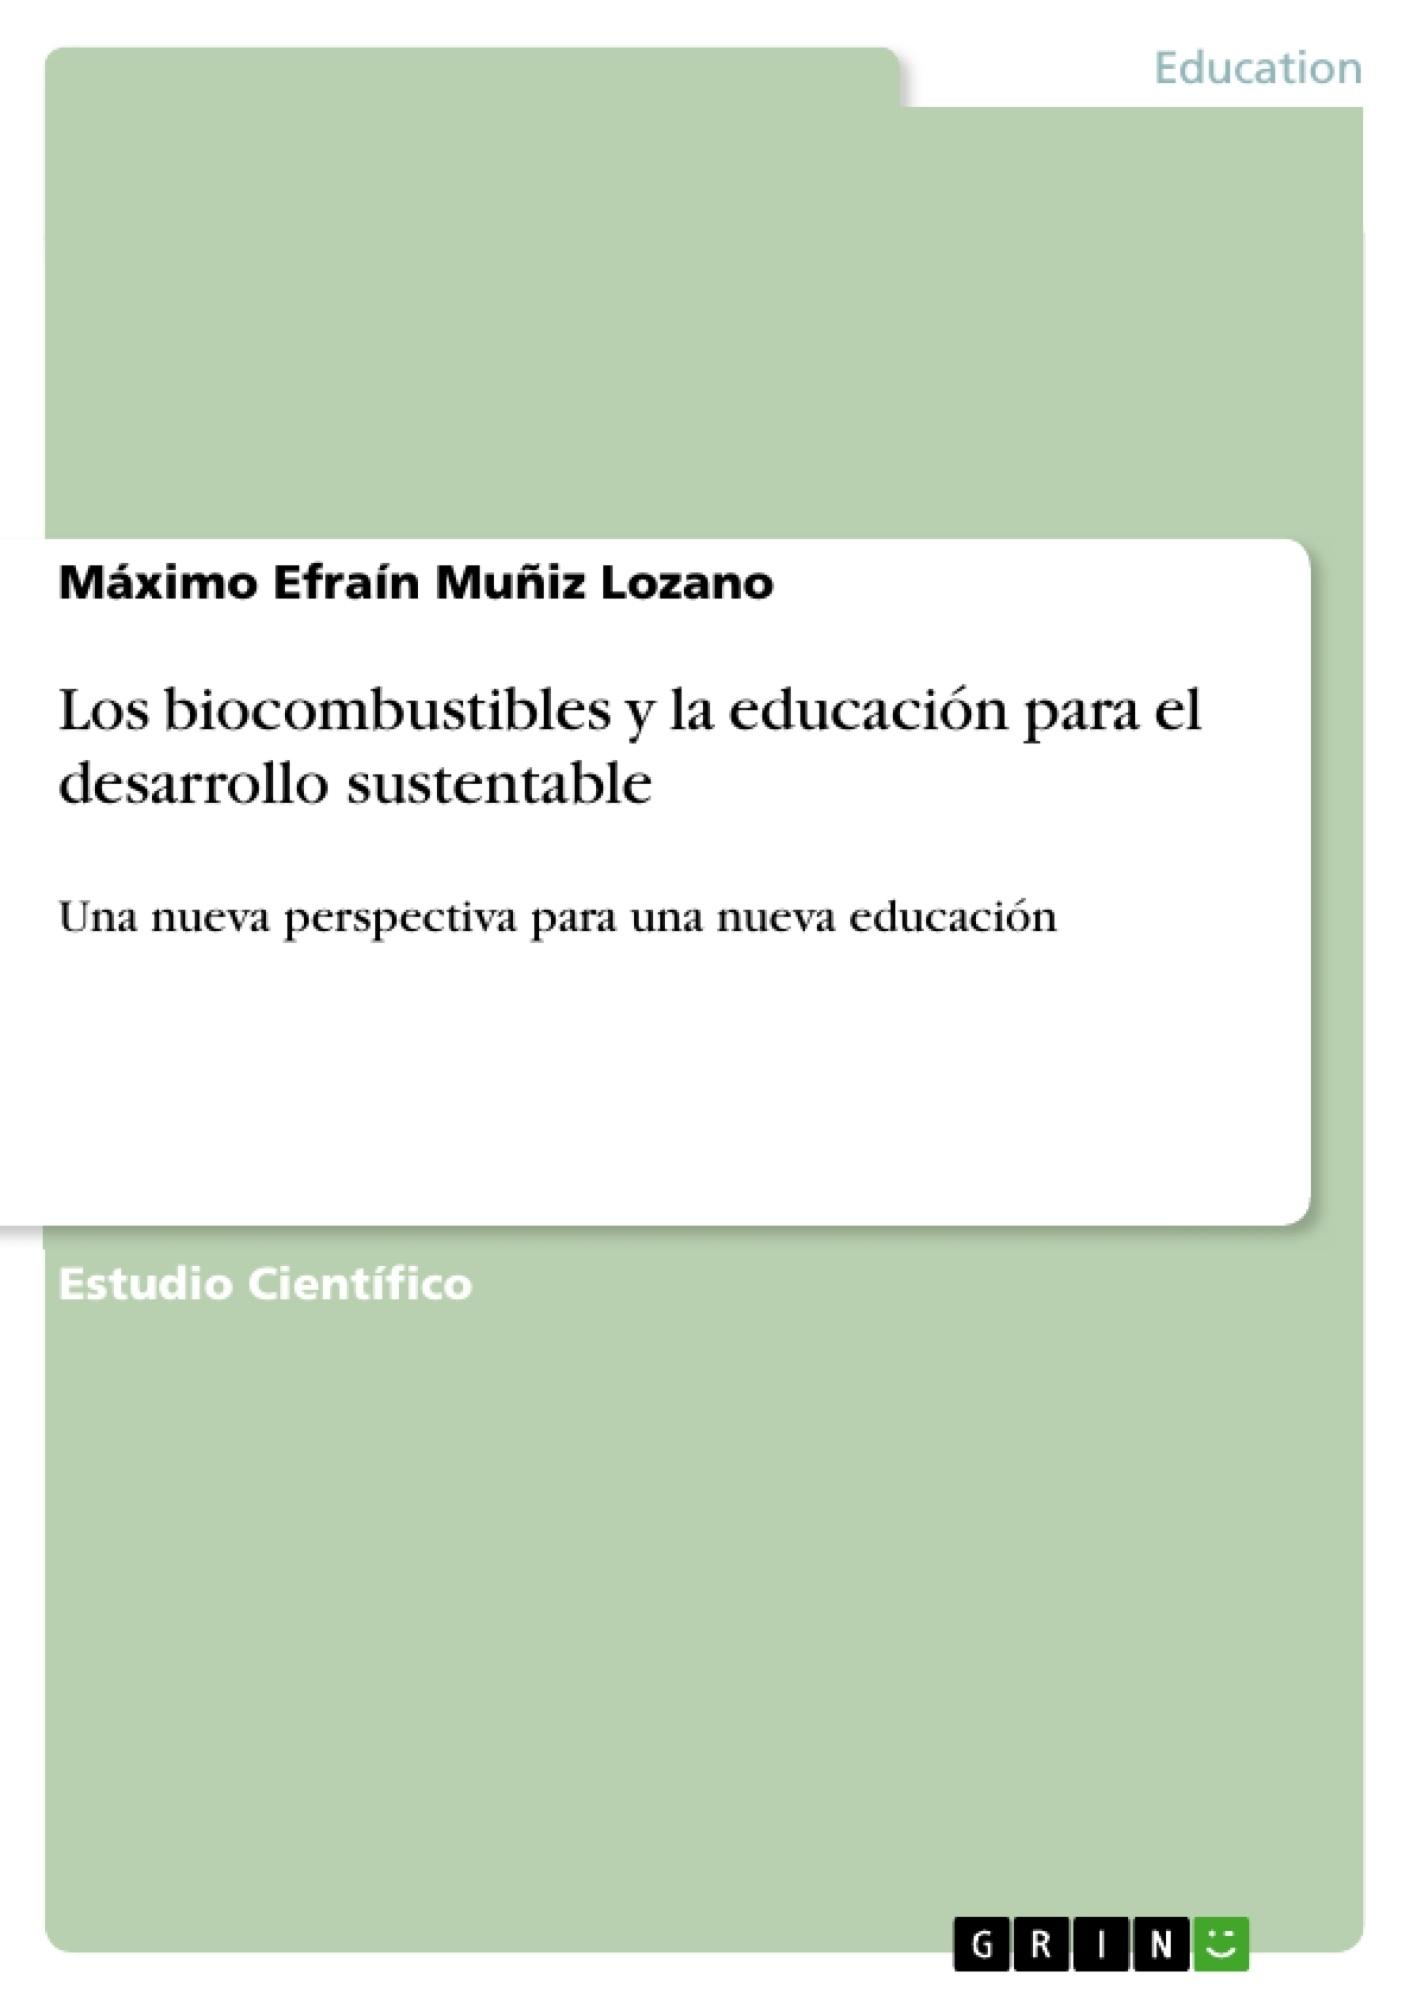 Título: Los biocombustibles y la educación para el desarrollo sustentable